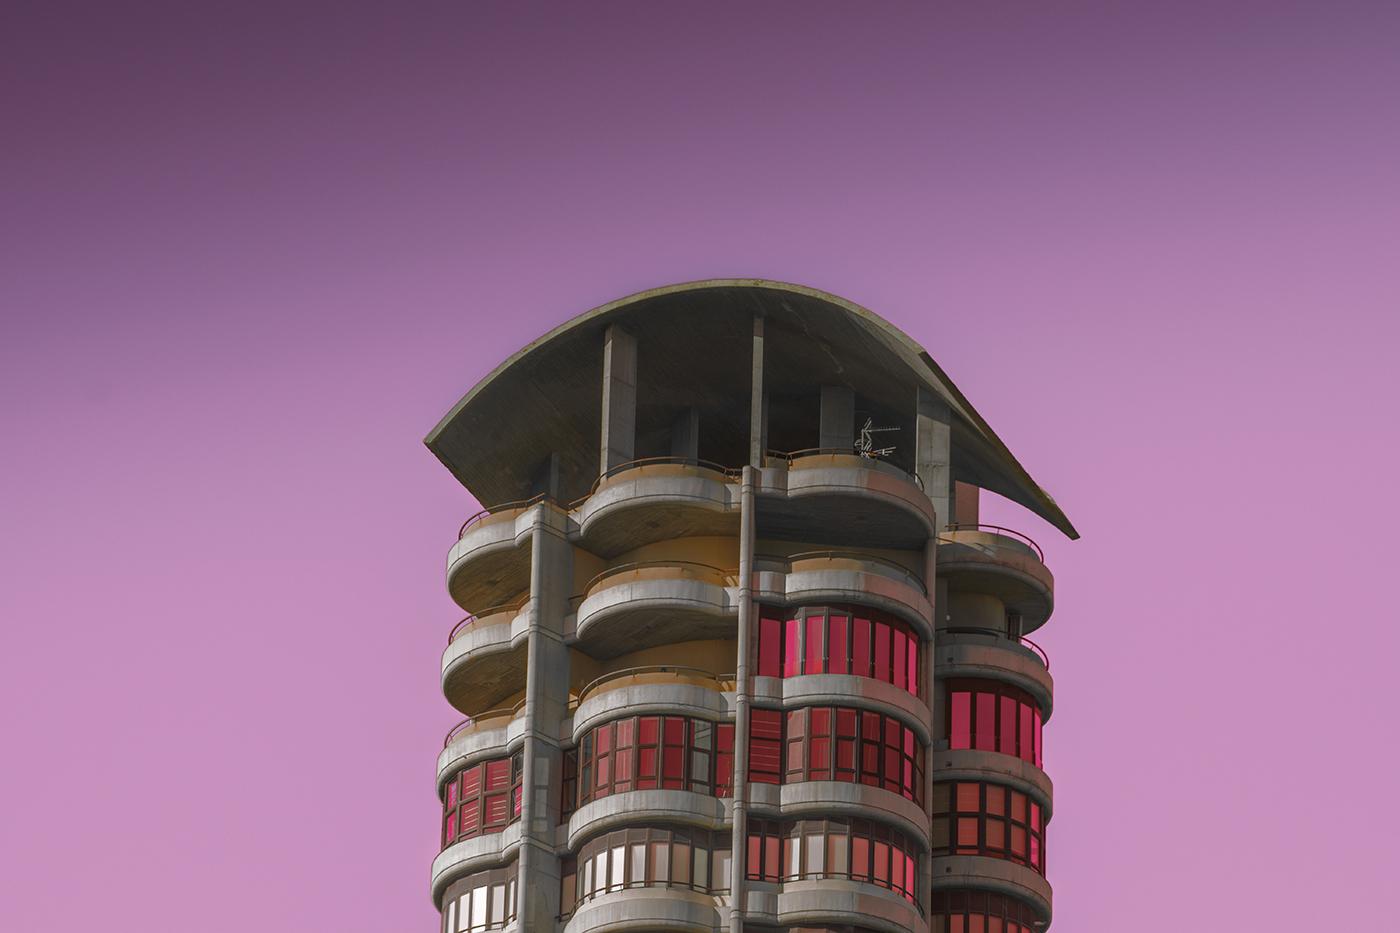 Stunning Alien Architecture